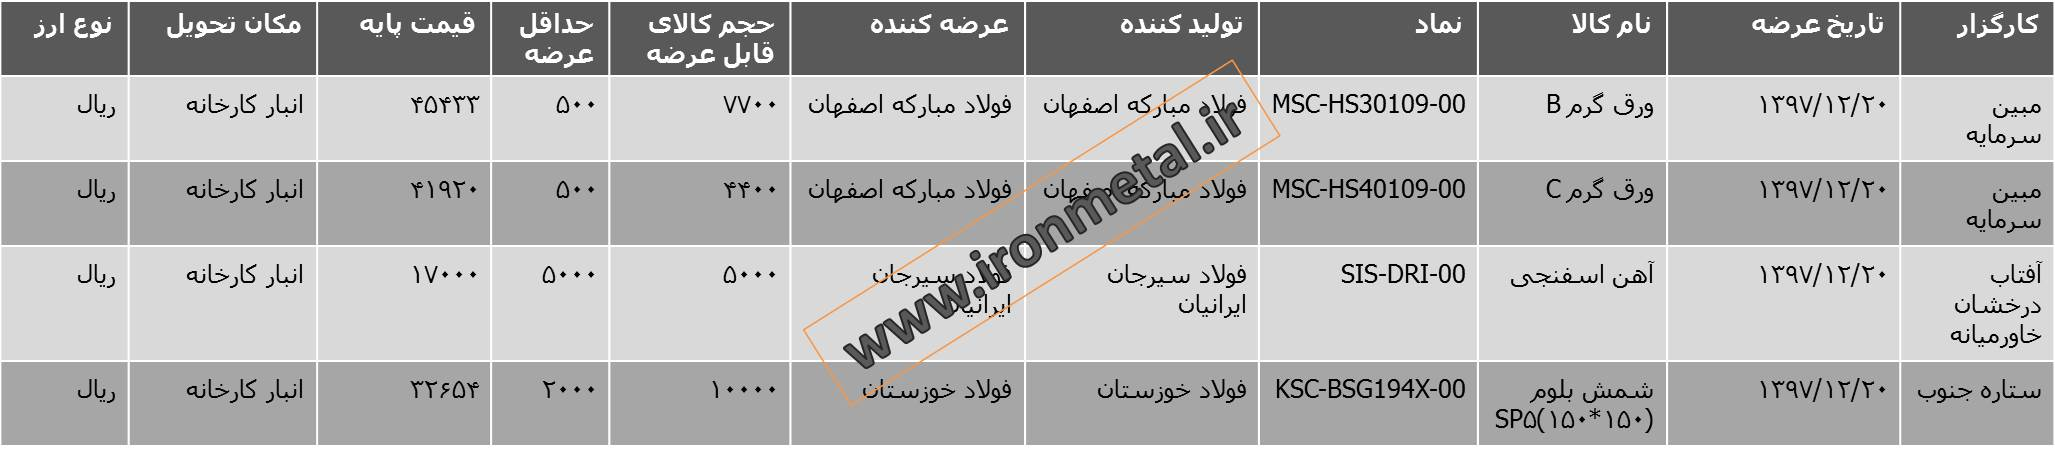 قیمت آهن اسفنجی و شمش فولاد خوزستان در بورس کالا